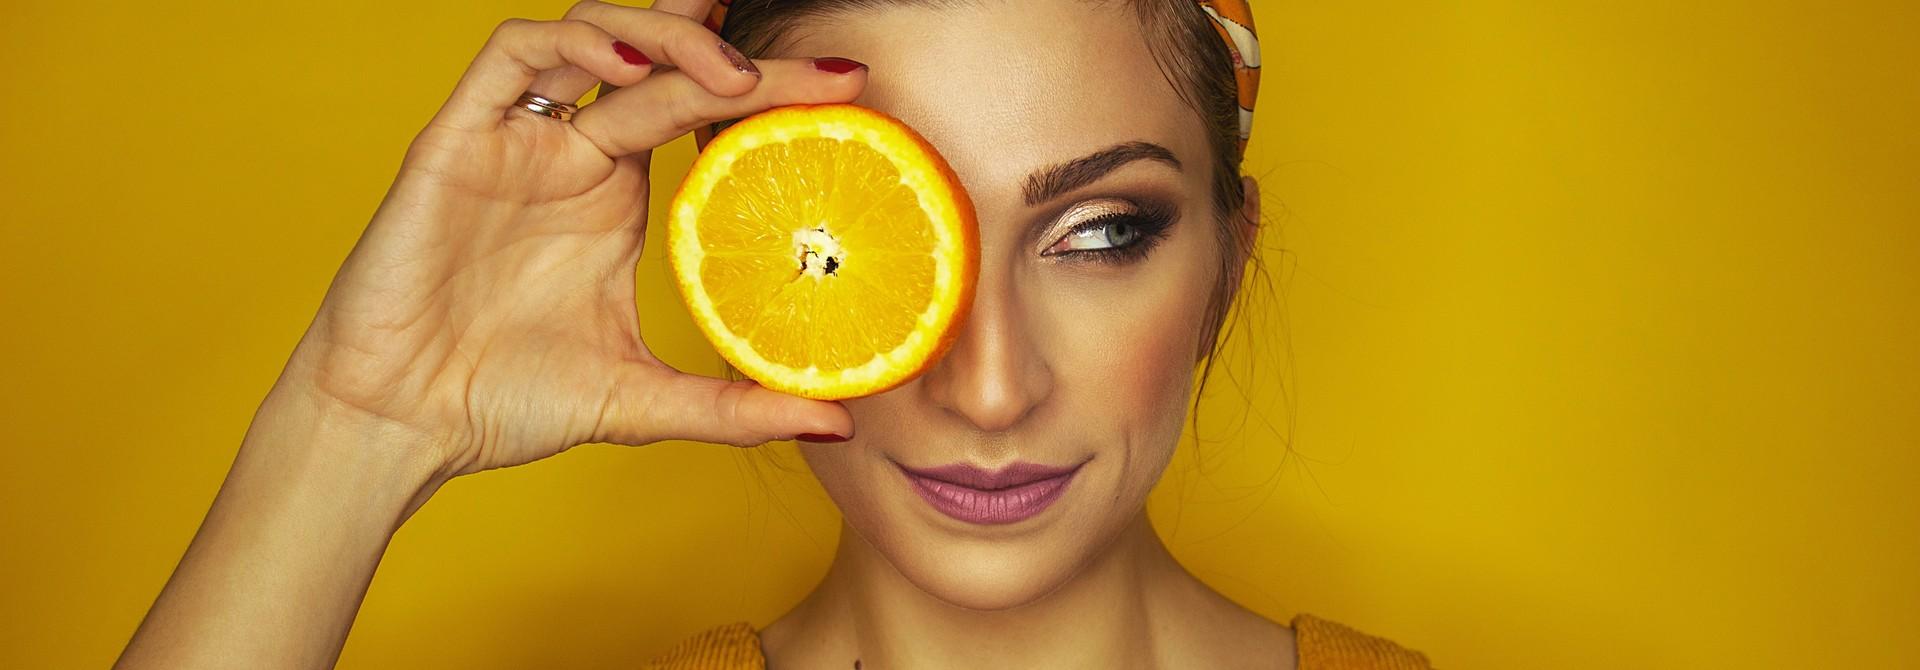 De juiste vitamine C - versterk het immuunsysteem, verjong de huid en leef gezonder